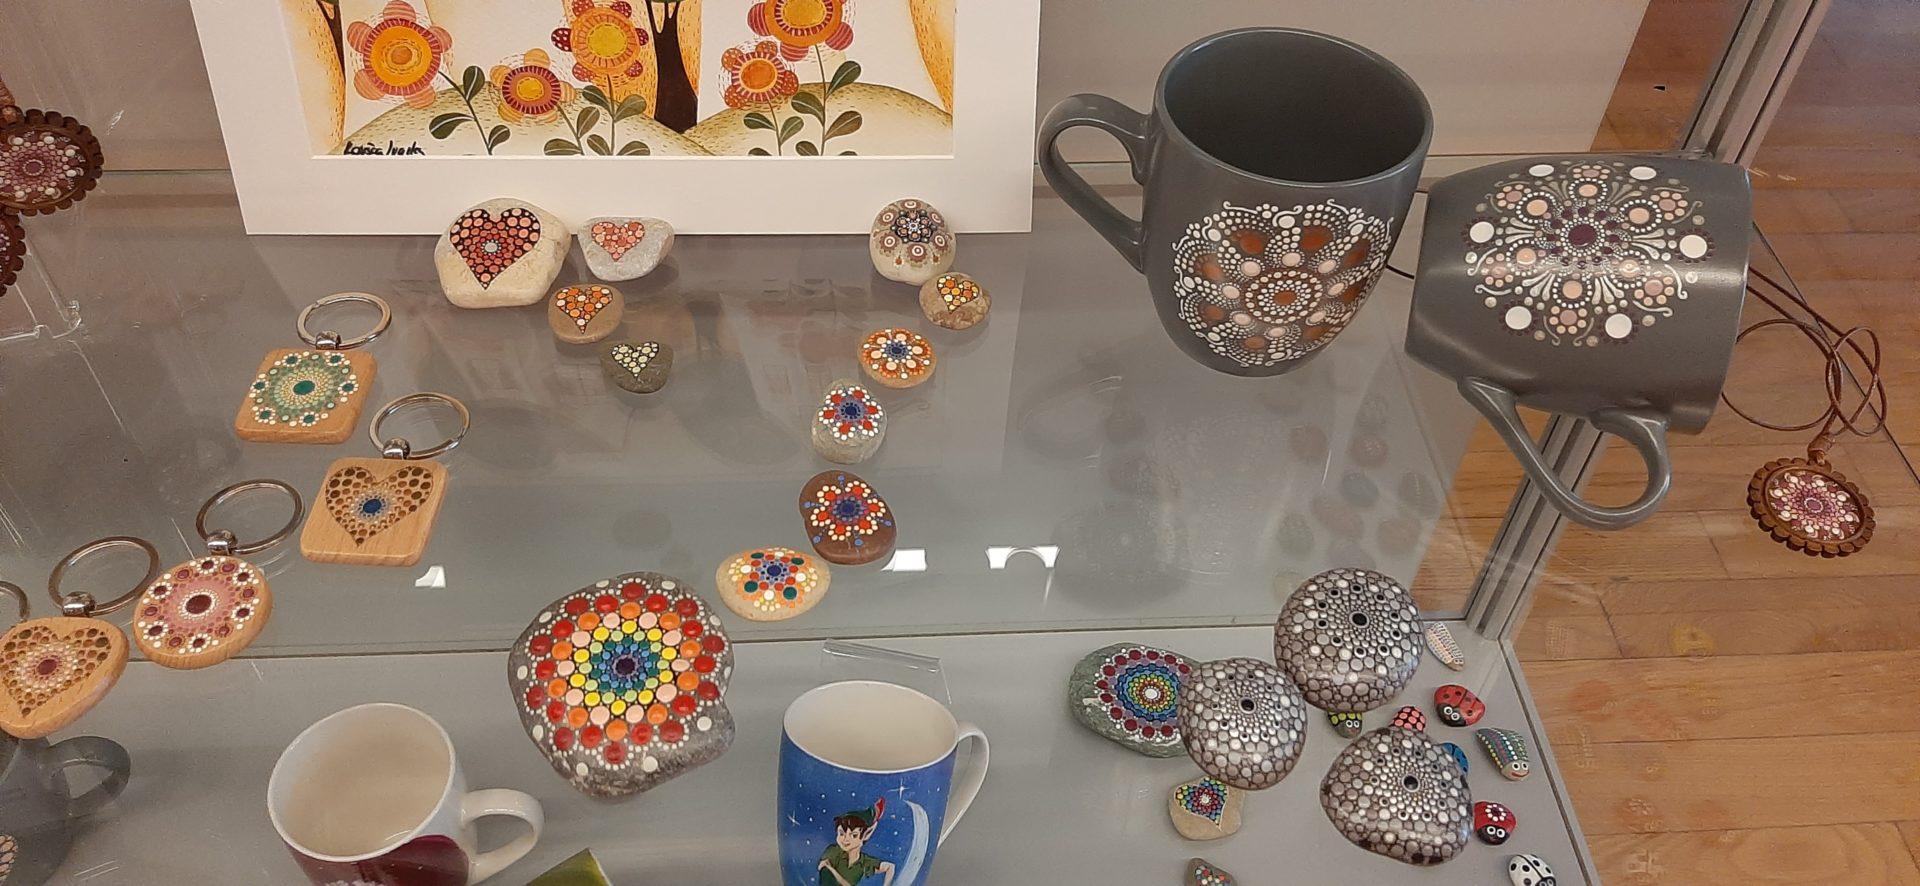 20210511 153631 1 - Barvni dotiki – razstava unikatnih izdelkov Ivanke Kovšca